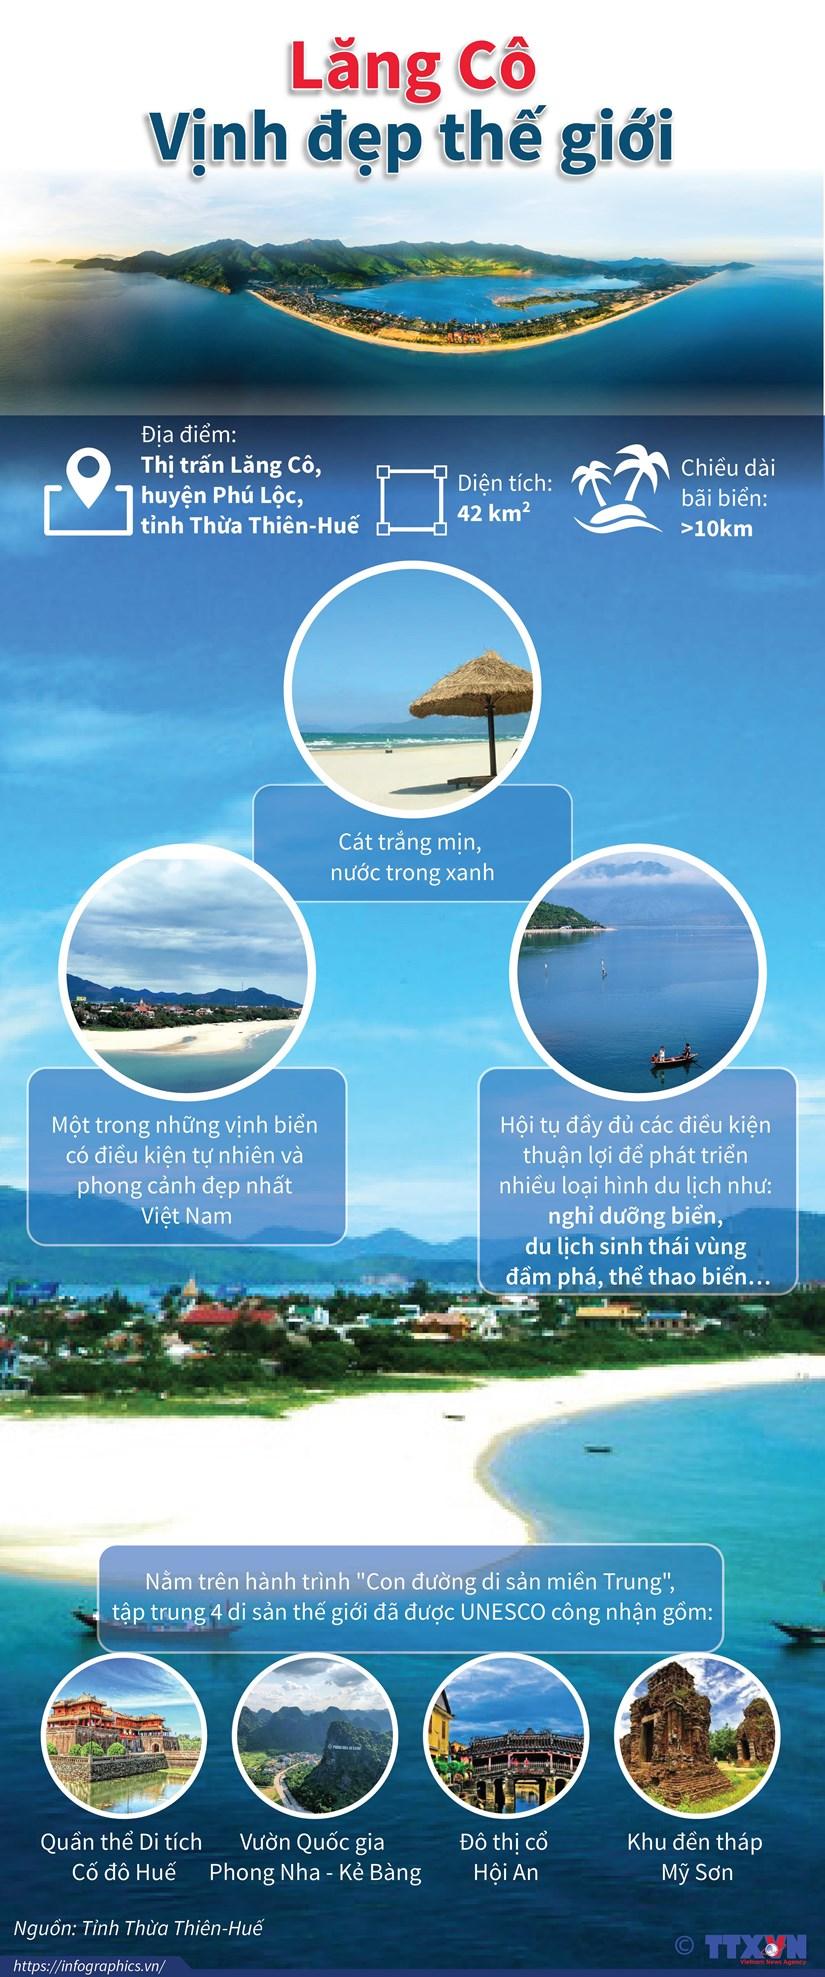 [Infographics] Lang Co - Vinh dep the gioi tron 10 nam hinh anh 1